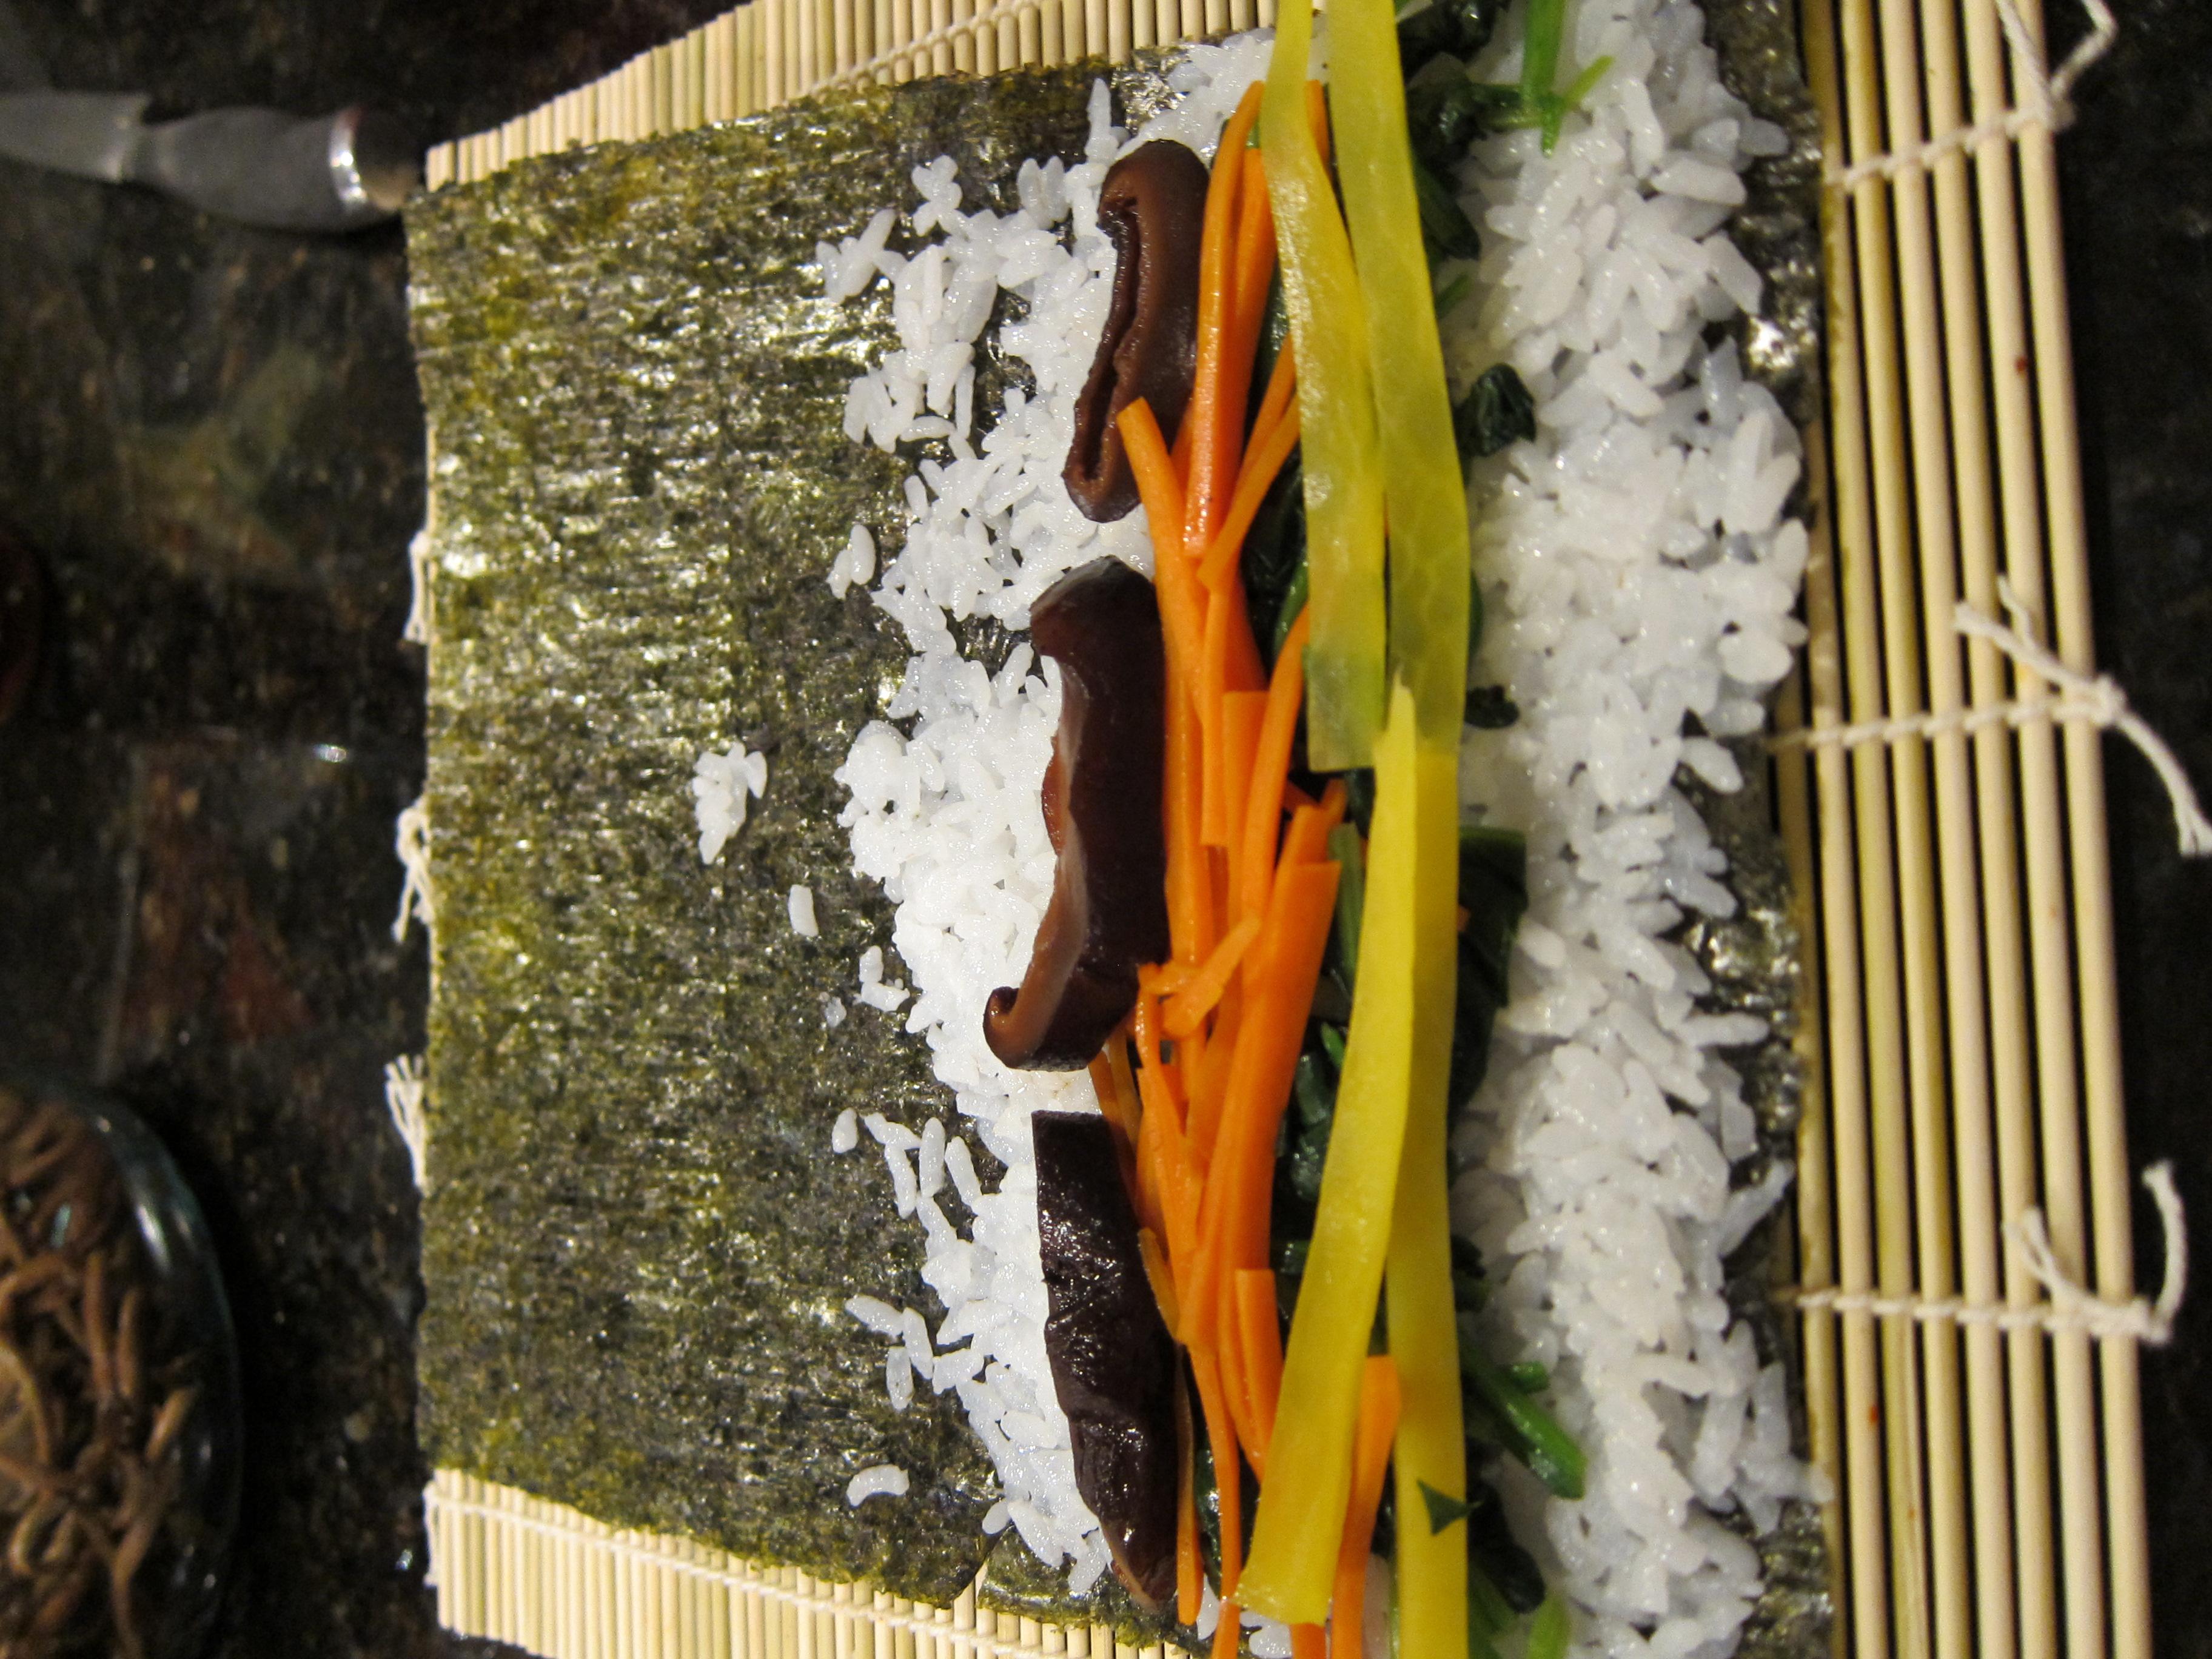 ... , Kimbap, Beef Bulgogi, and Seafood Pancake) | Dinner With Weijia